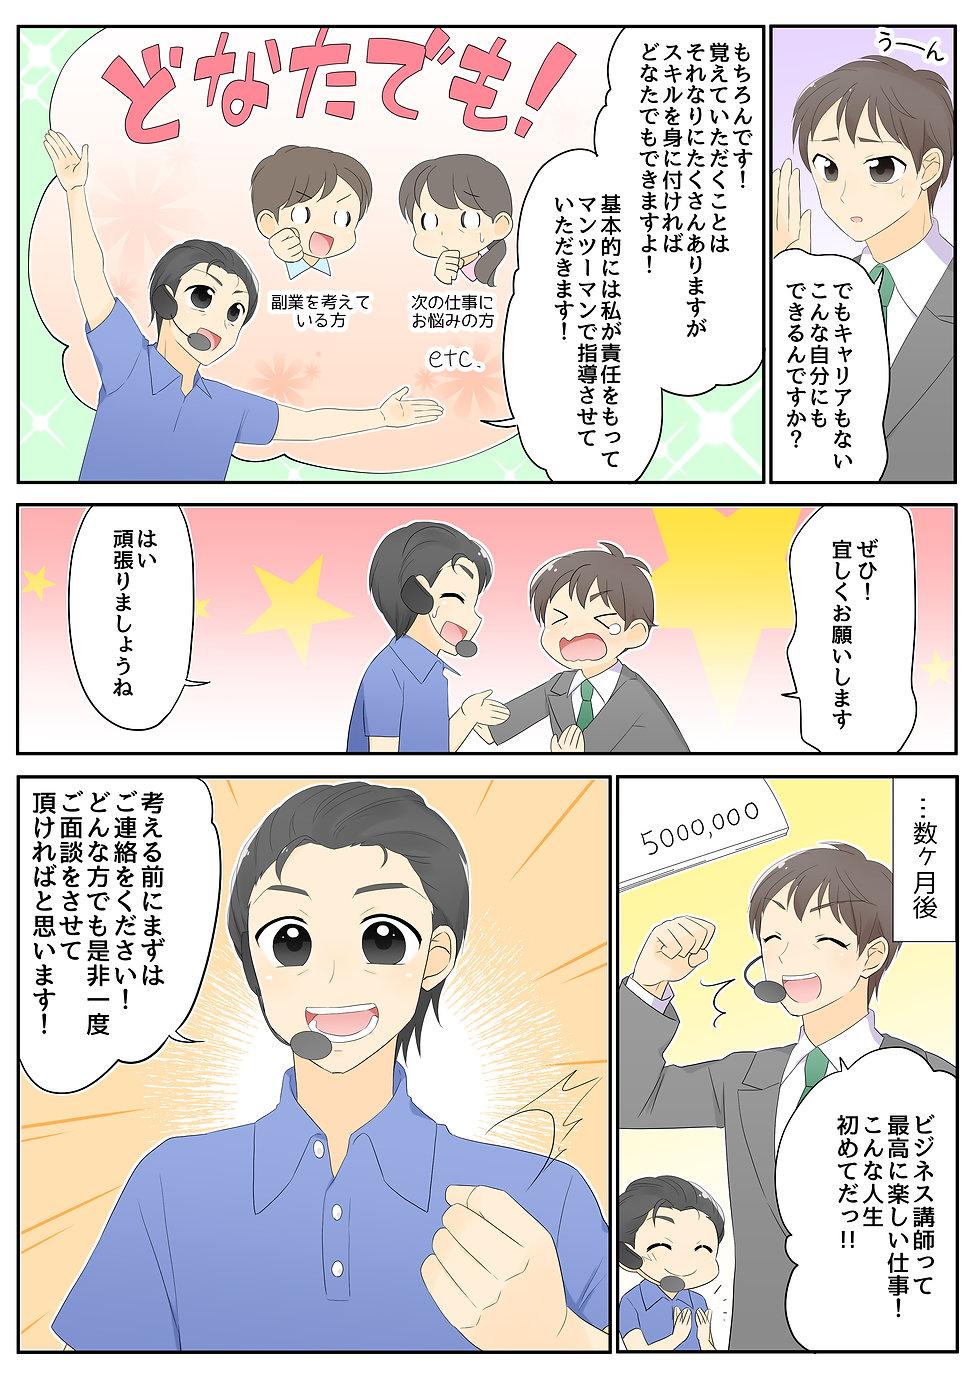 漫画完成3.jpg